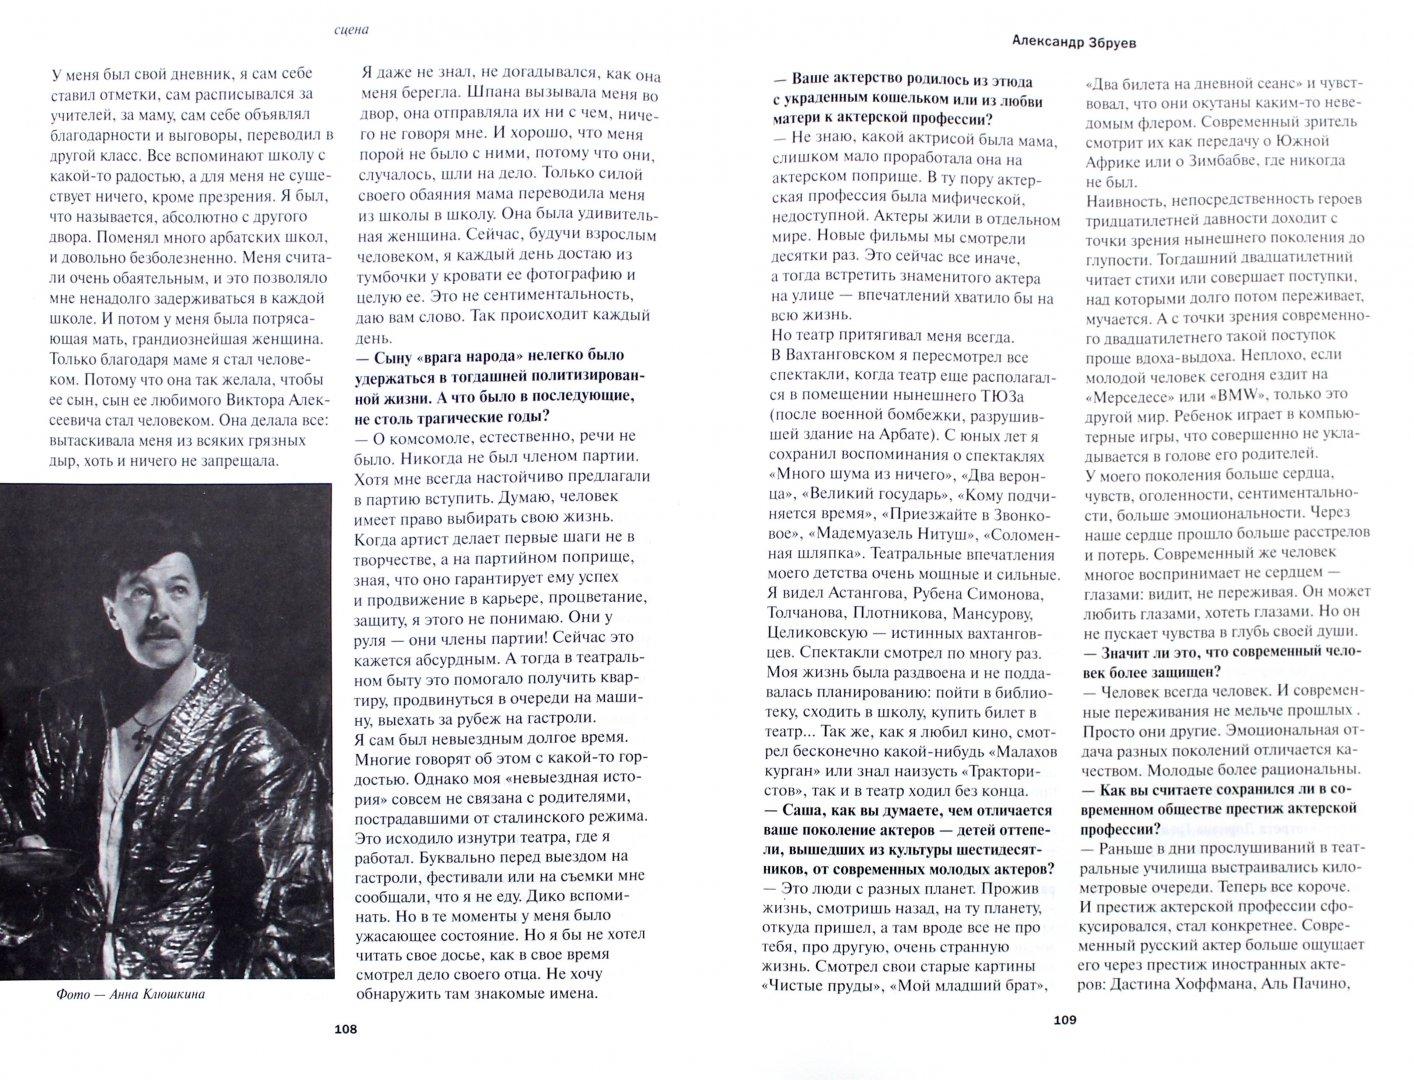 Иллюстрация 1 из 5 для Эффект присутствия: Интервью с легендой - Наталия Колесова   Лабиринт - книги. Источник: Лабиринт